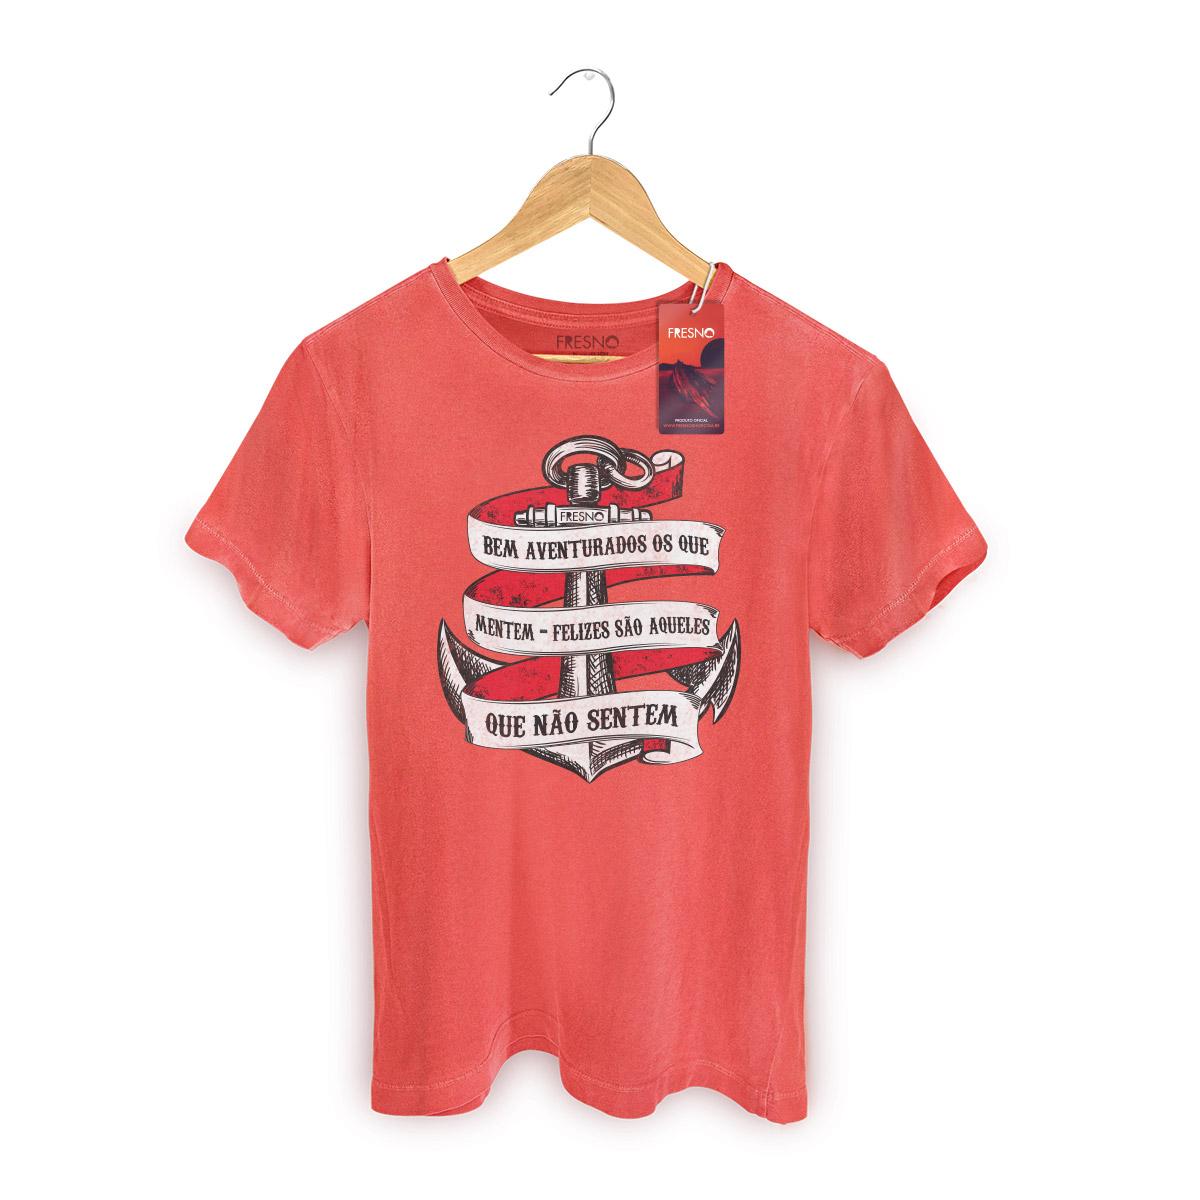 T-shirt Premium Masculina Fresno Bem Aventurados os Que Mentem